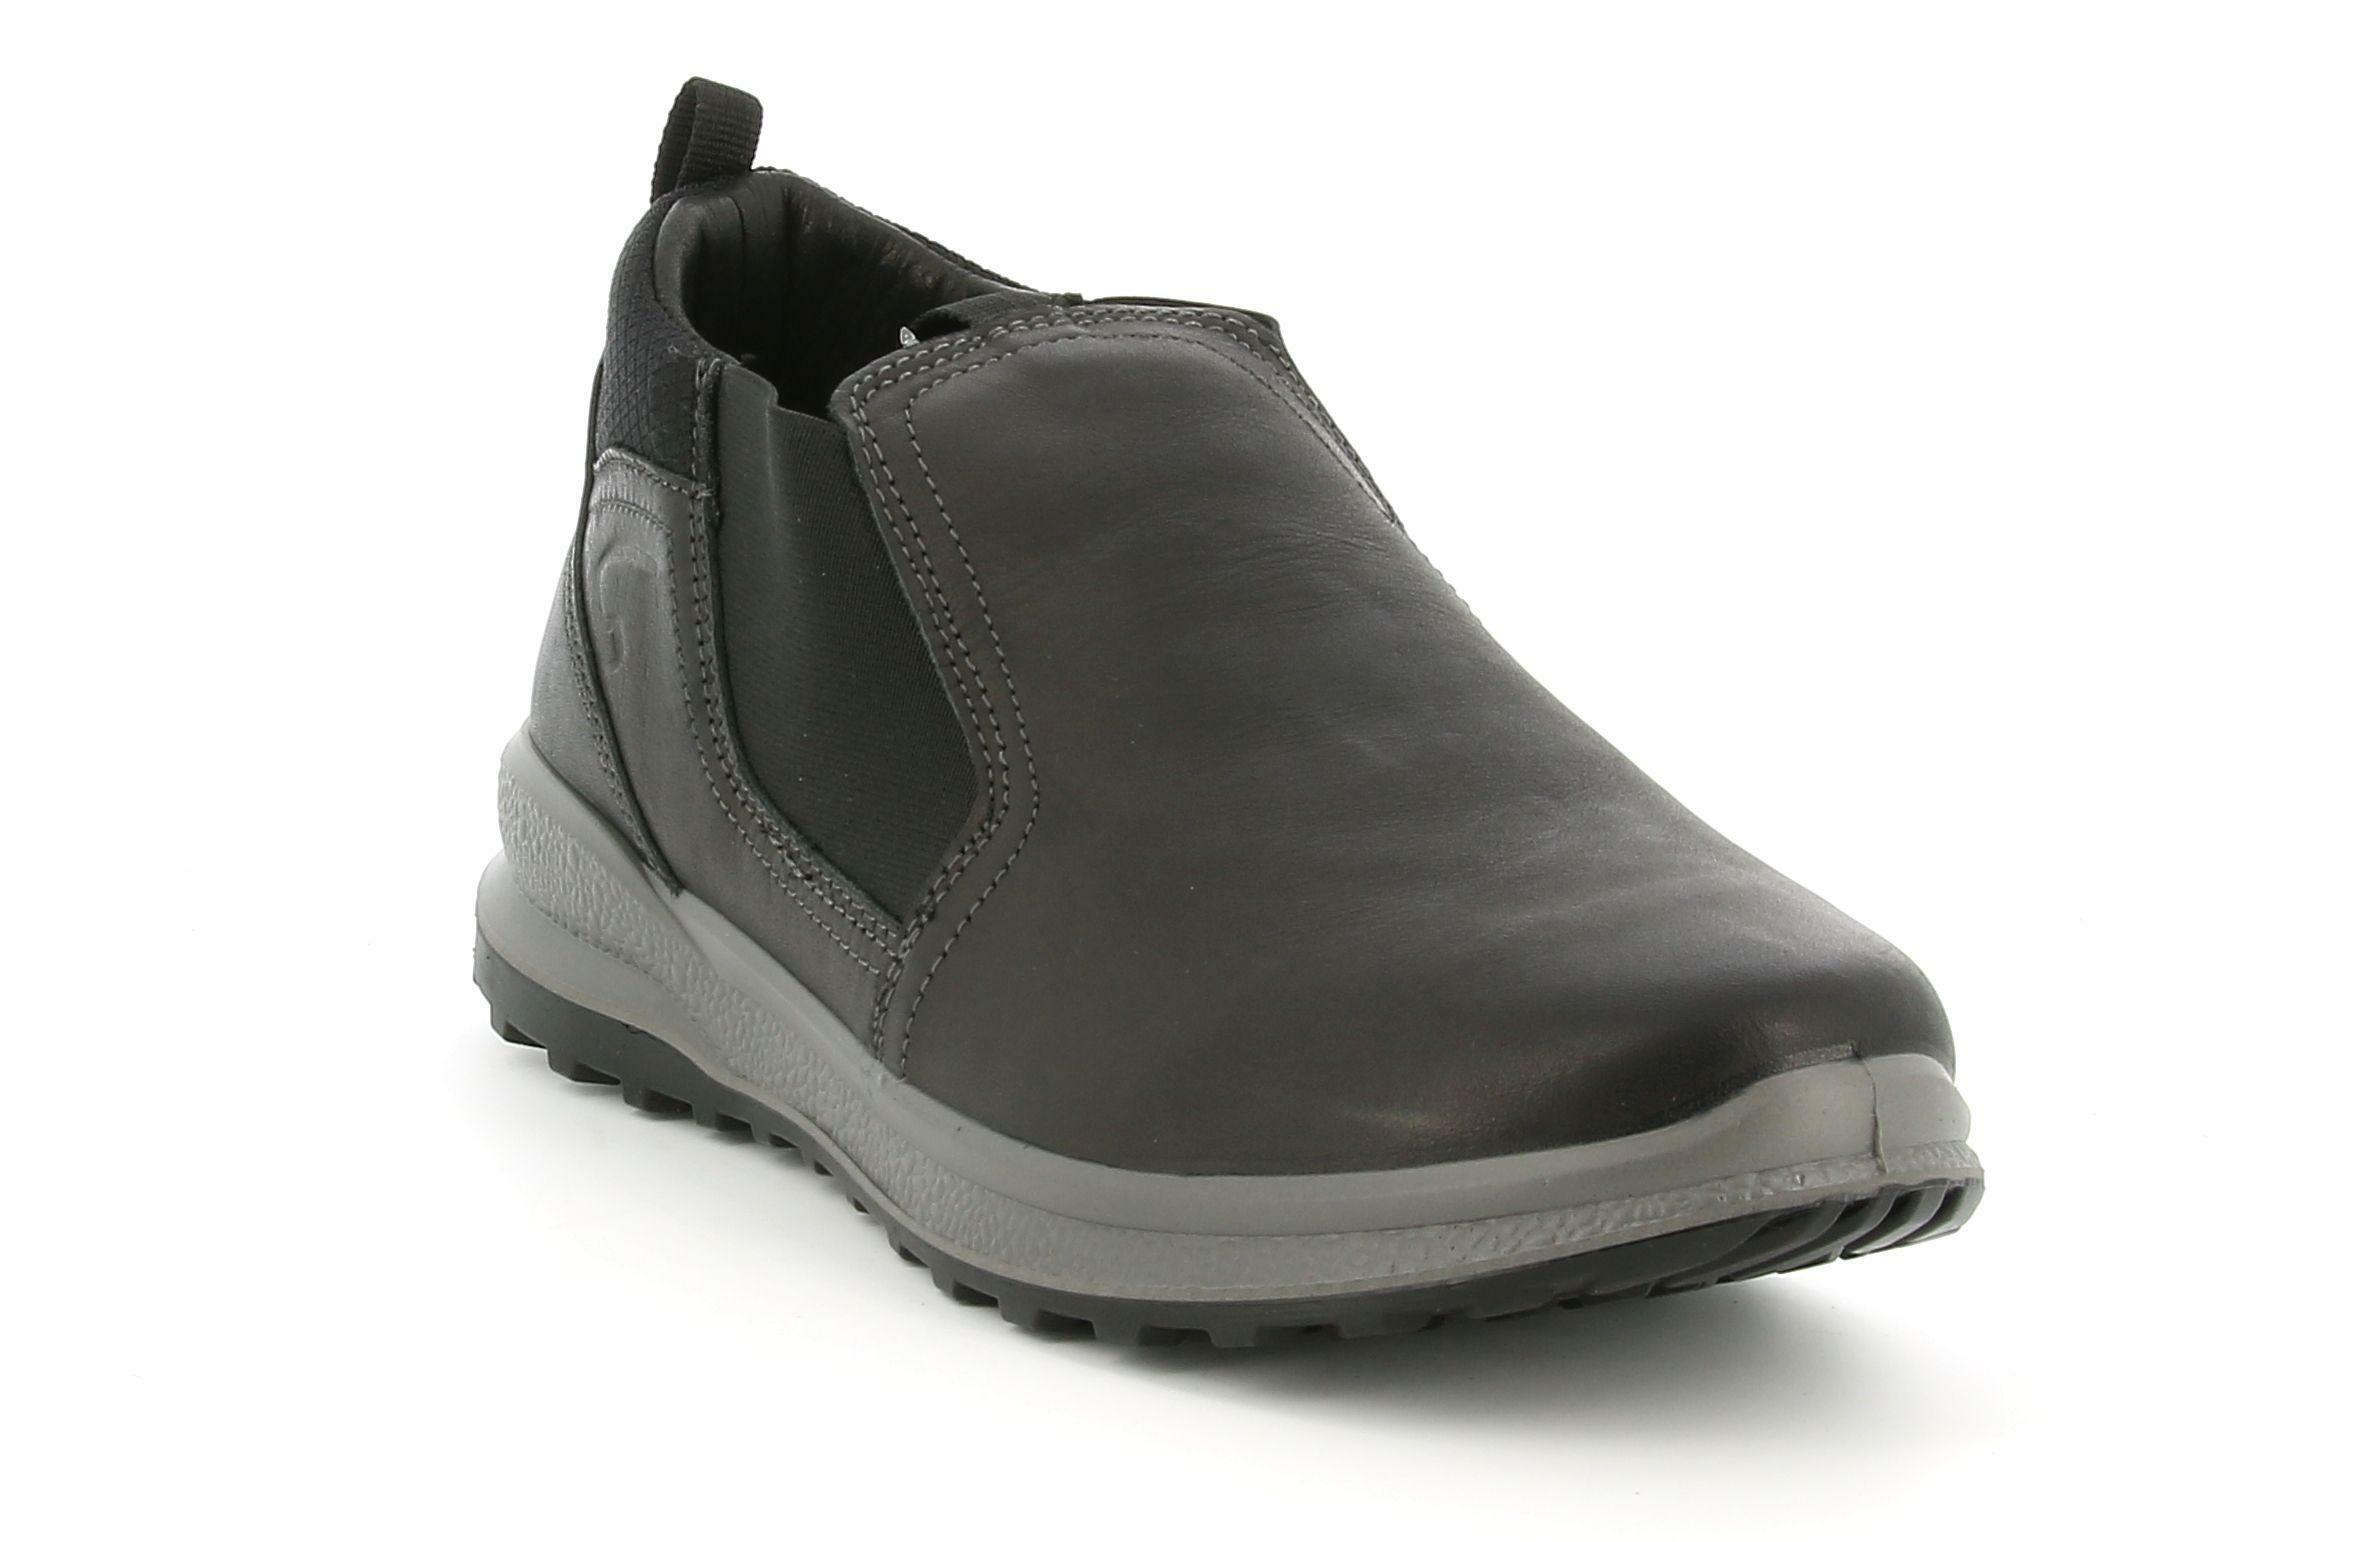 grisport grisport slipon  nero touch 43339t1 scarpe uomo